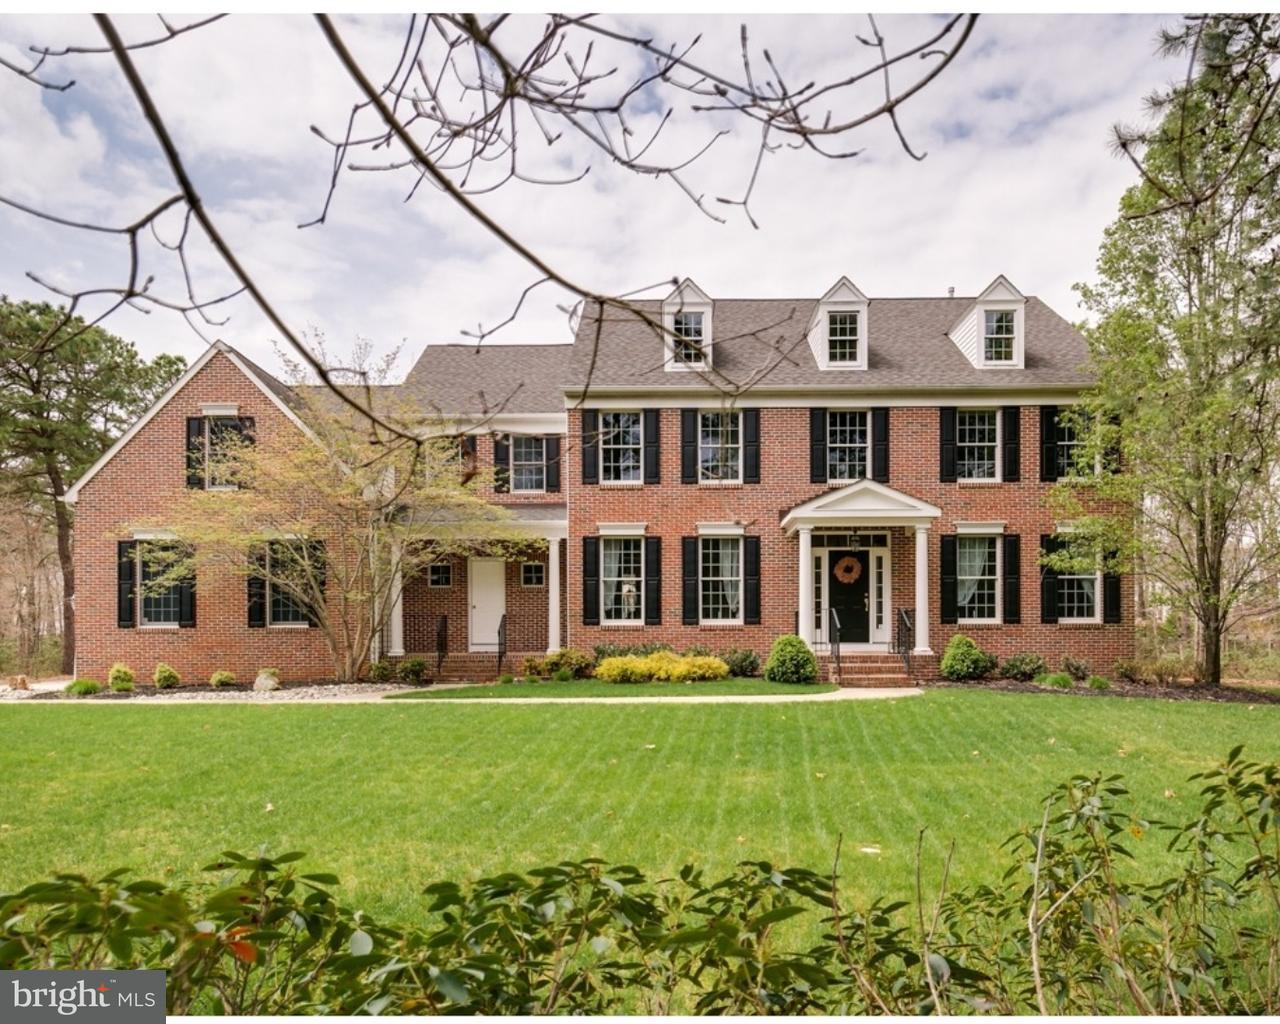 Частный односемейный дом для того Продажа на 18 CATAMOUNT Drive Medford, Нью-Джерси 08055 Соединенные Штаты